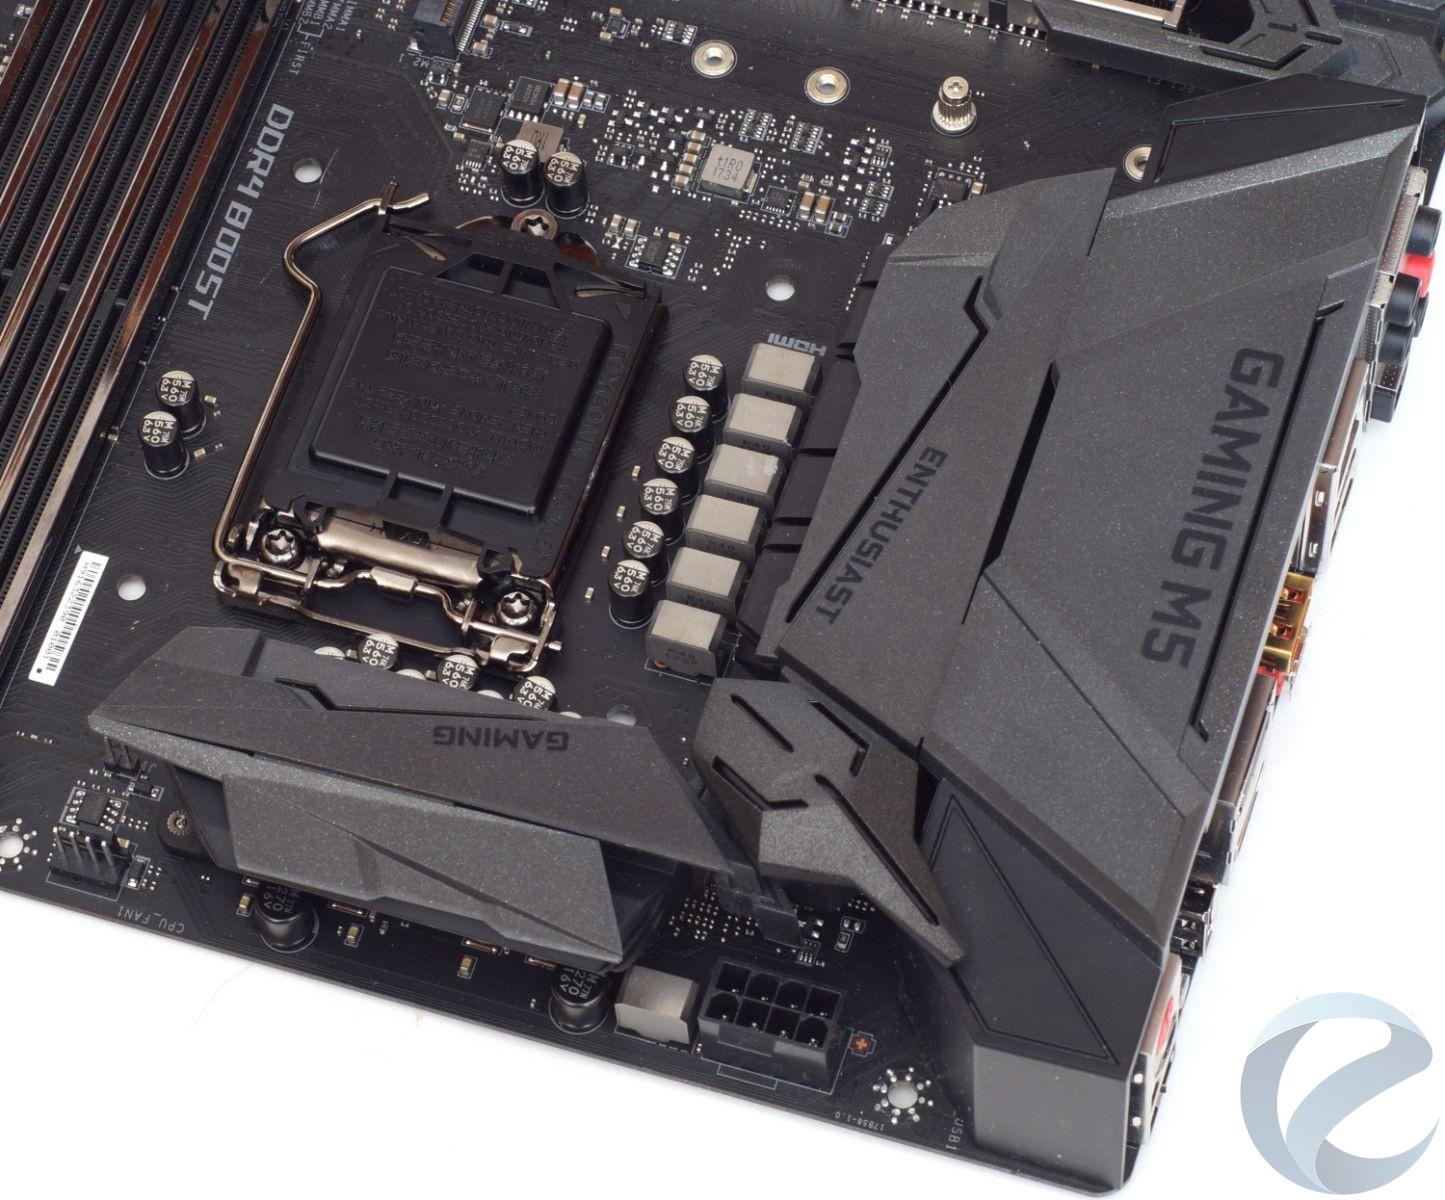 Внешний вид и особенности материнской платы MSI Z370 GAMING M5